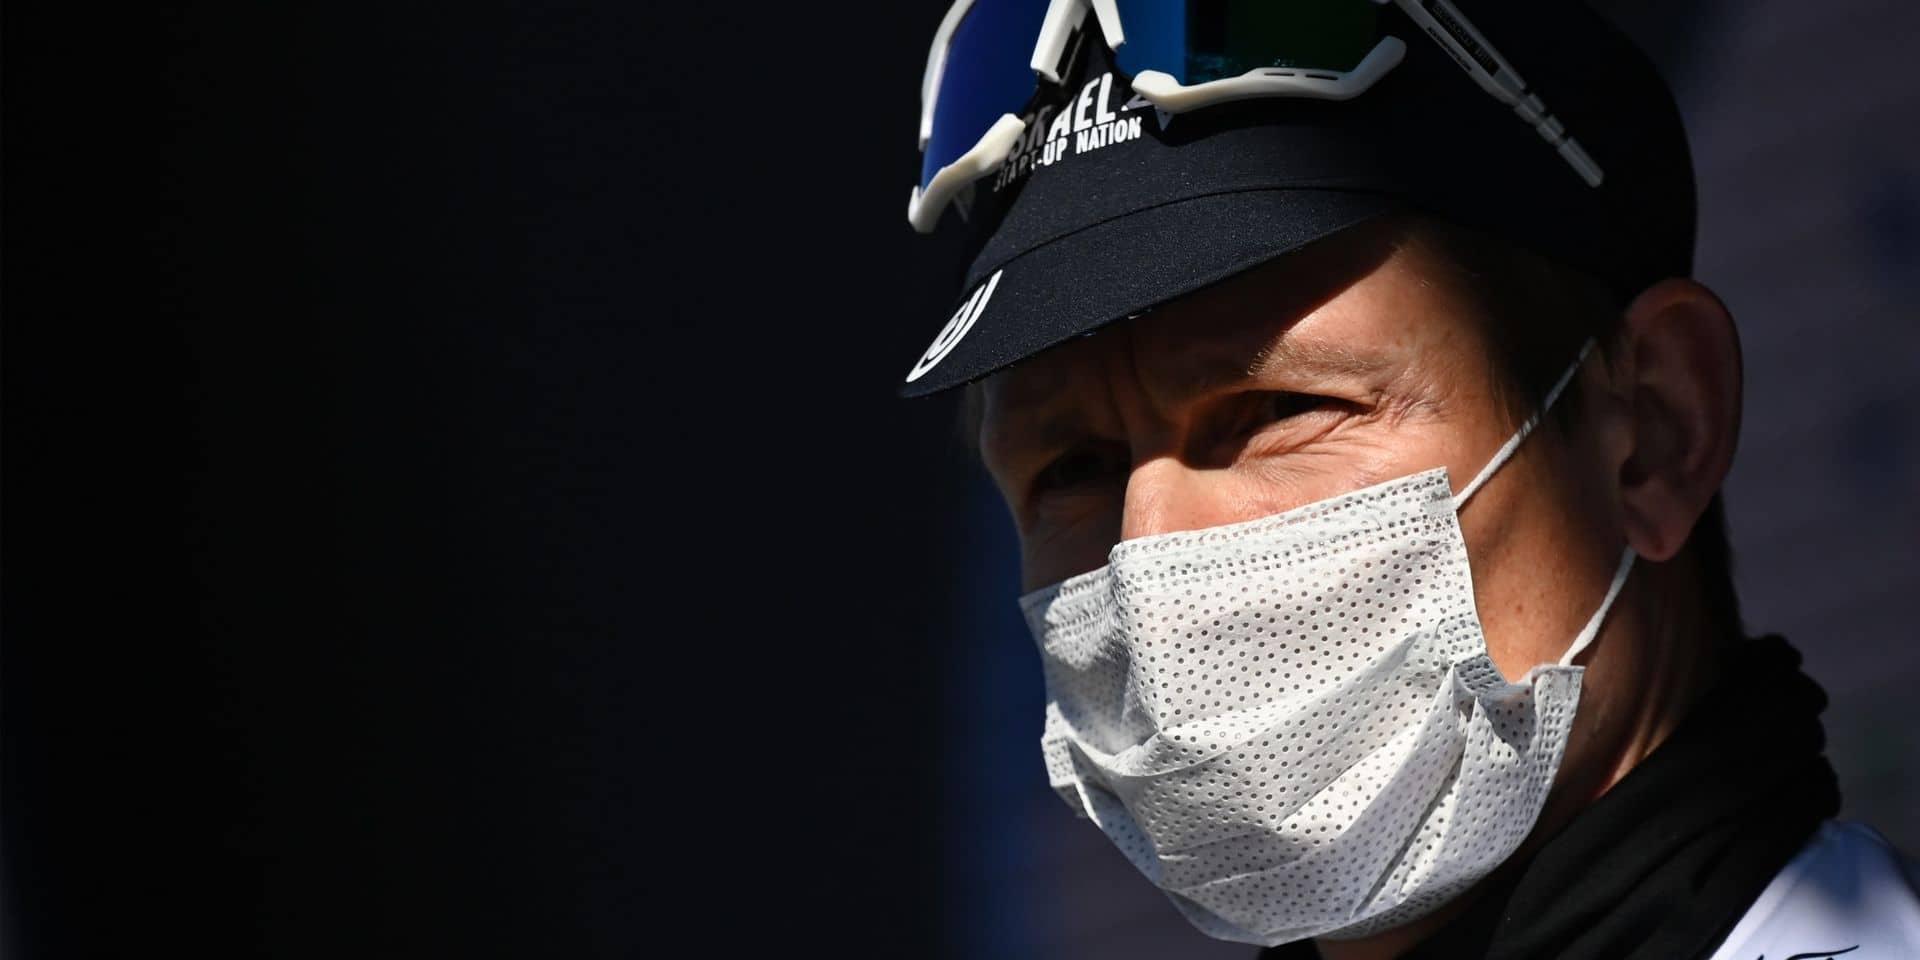 Tour d'Andalousie: Greipel rafle la 4e étape au sprint, Lopez reste leader